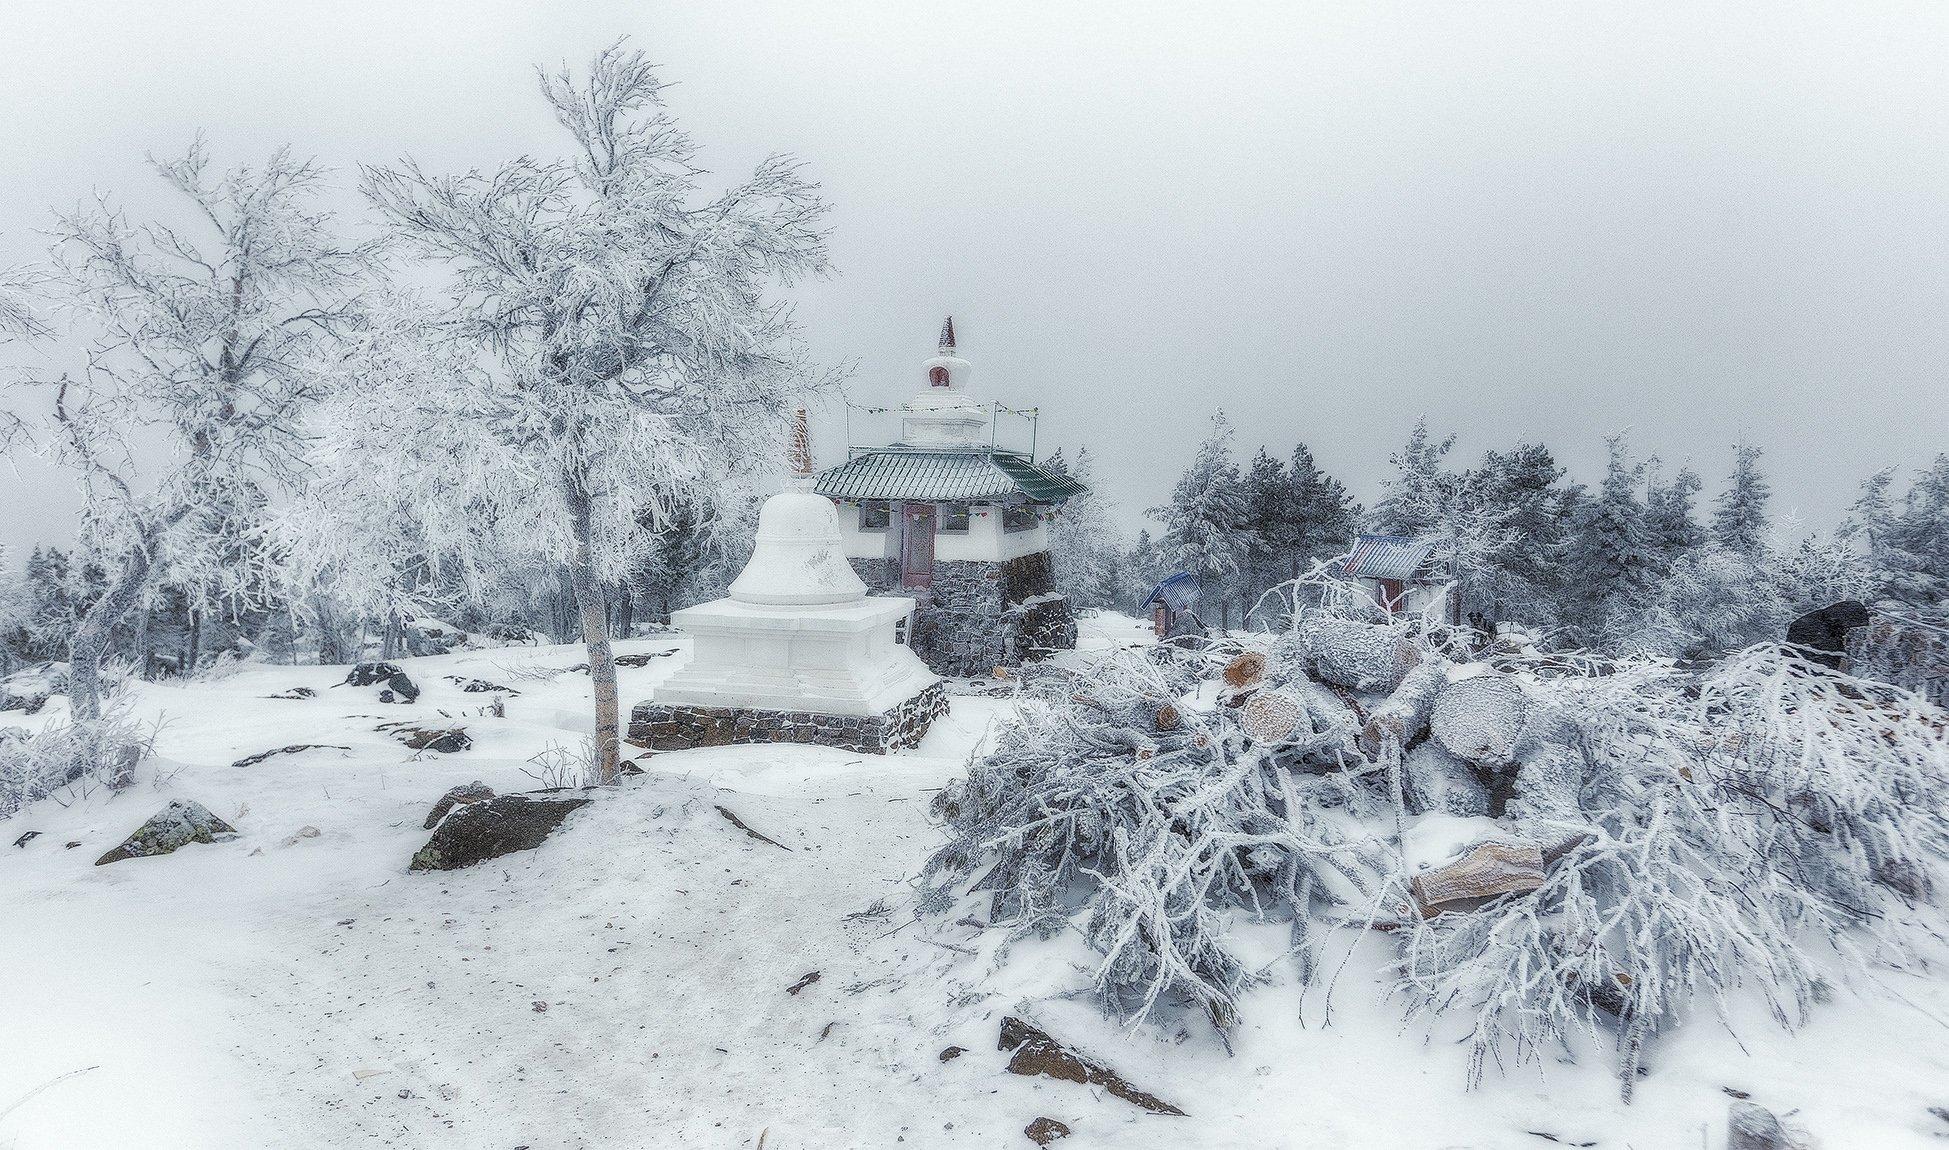 монастырь буддийский урал, Vladimir Lipetskih